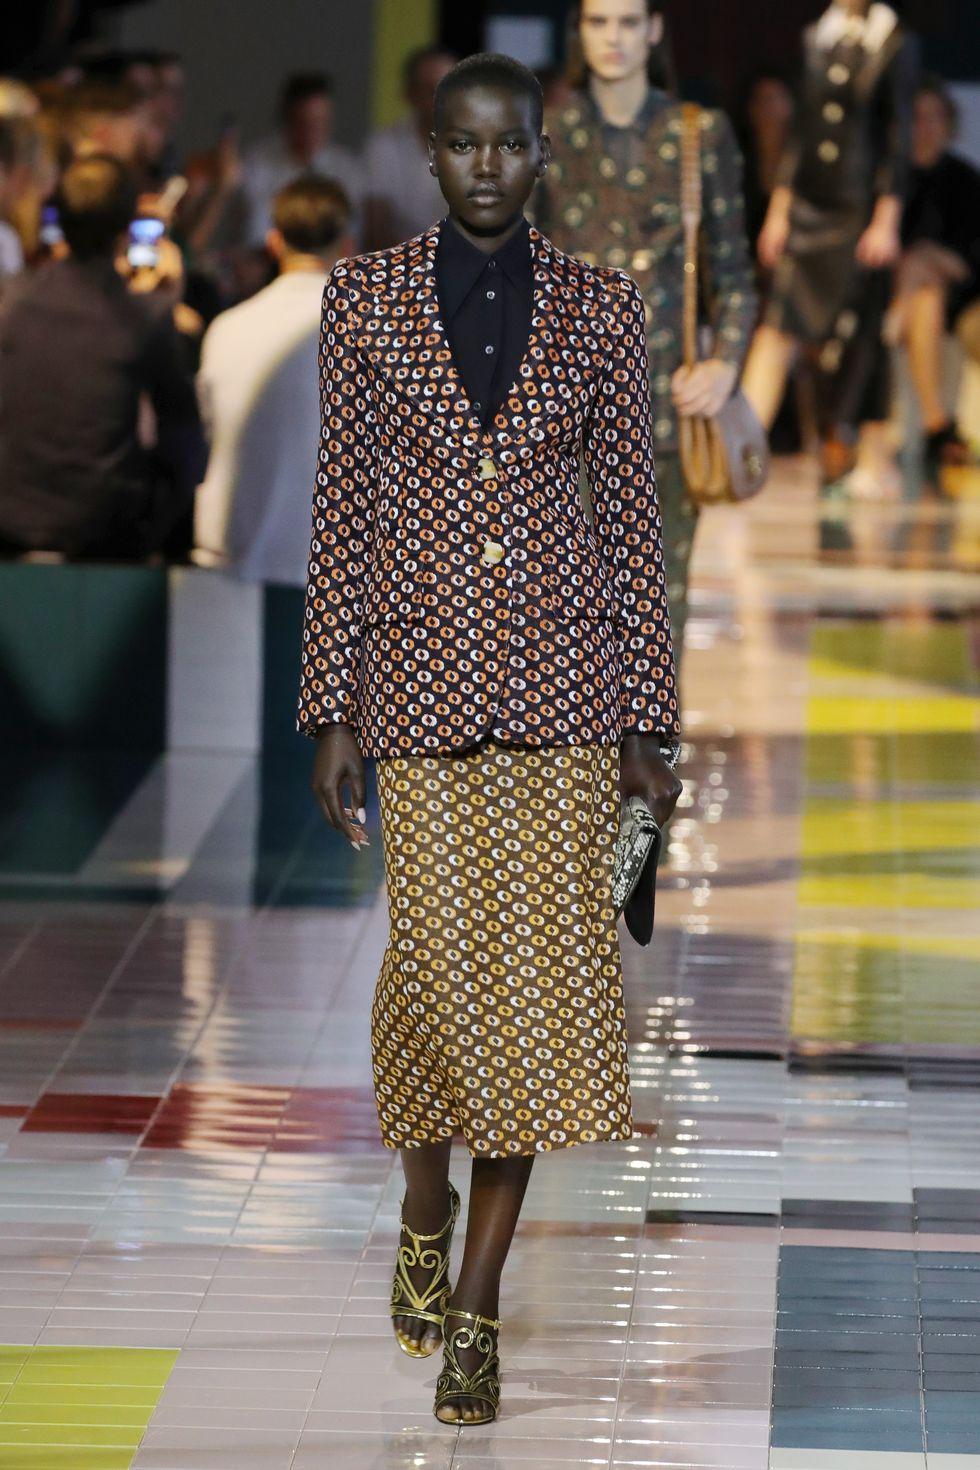 Váy suit: Biểu tượng nữ tính tận cùng của phụ nữ nơi công sở - 5